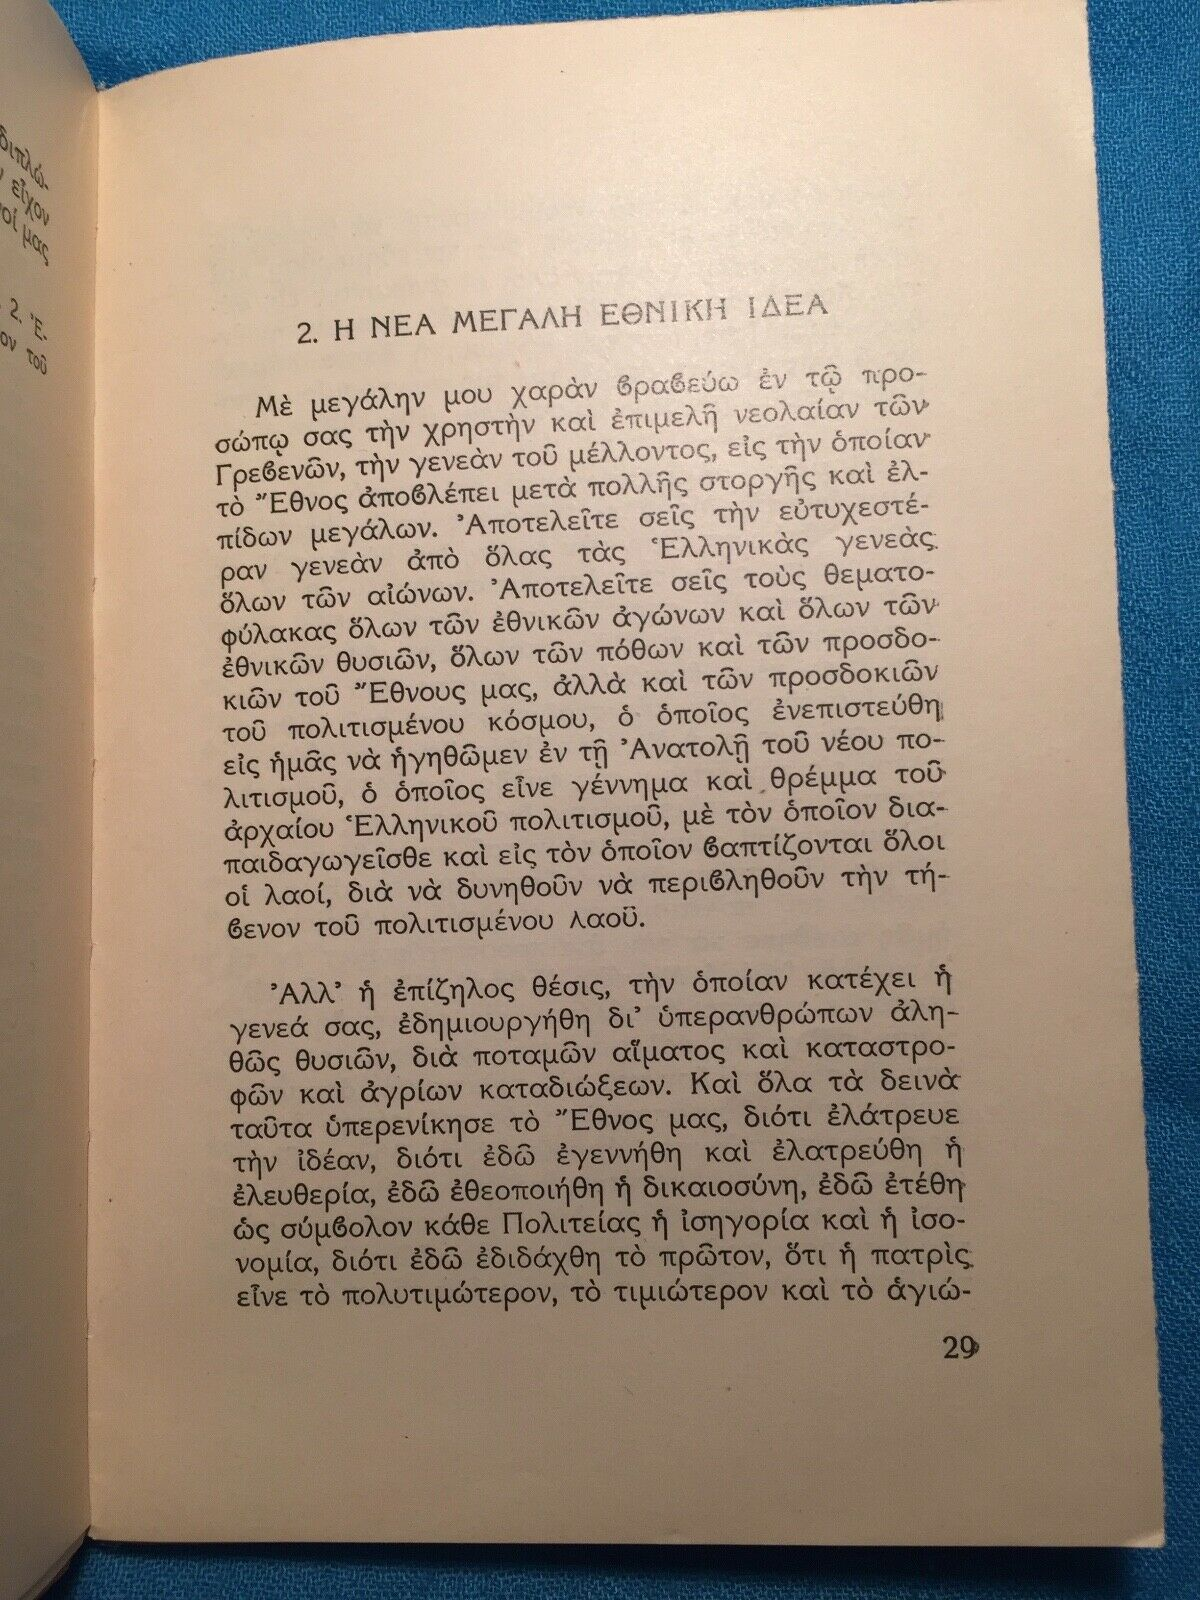 eon-greece-book-1937-eon-fascist-youth-29